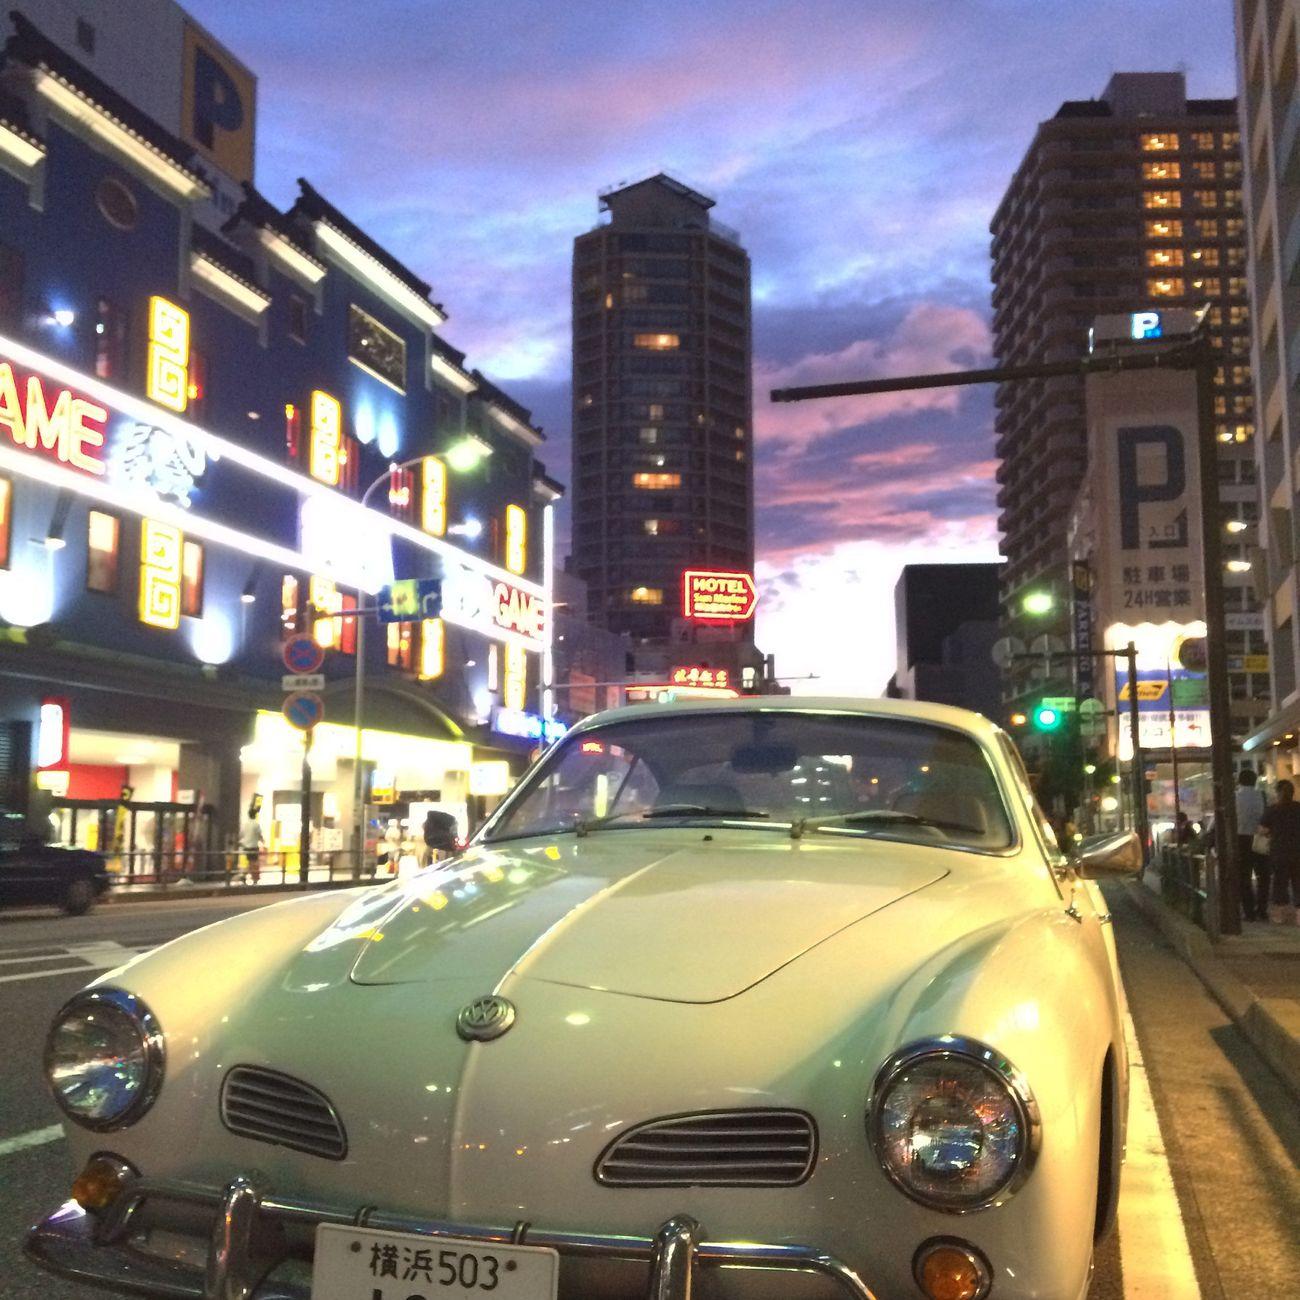 何気なく駐車してたフォルクスワーゲンがすごくレトロかわいい♡ Photography Japan Nightphotography Skylovers Magic Hour Today'sカメラ写ん歩♡ Volkswagen